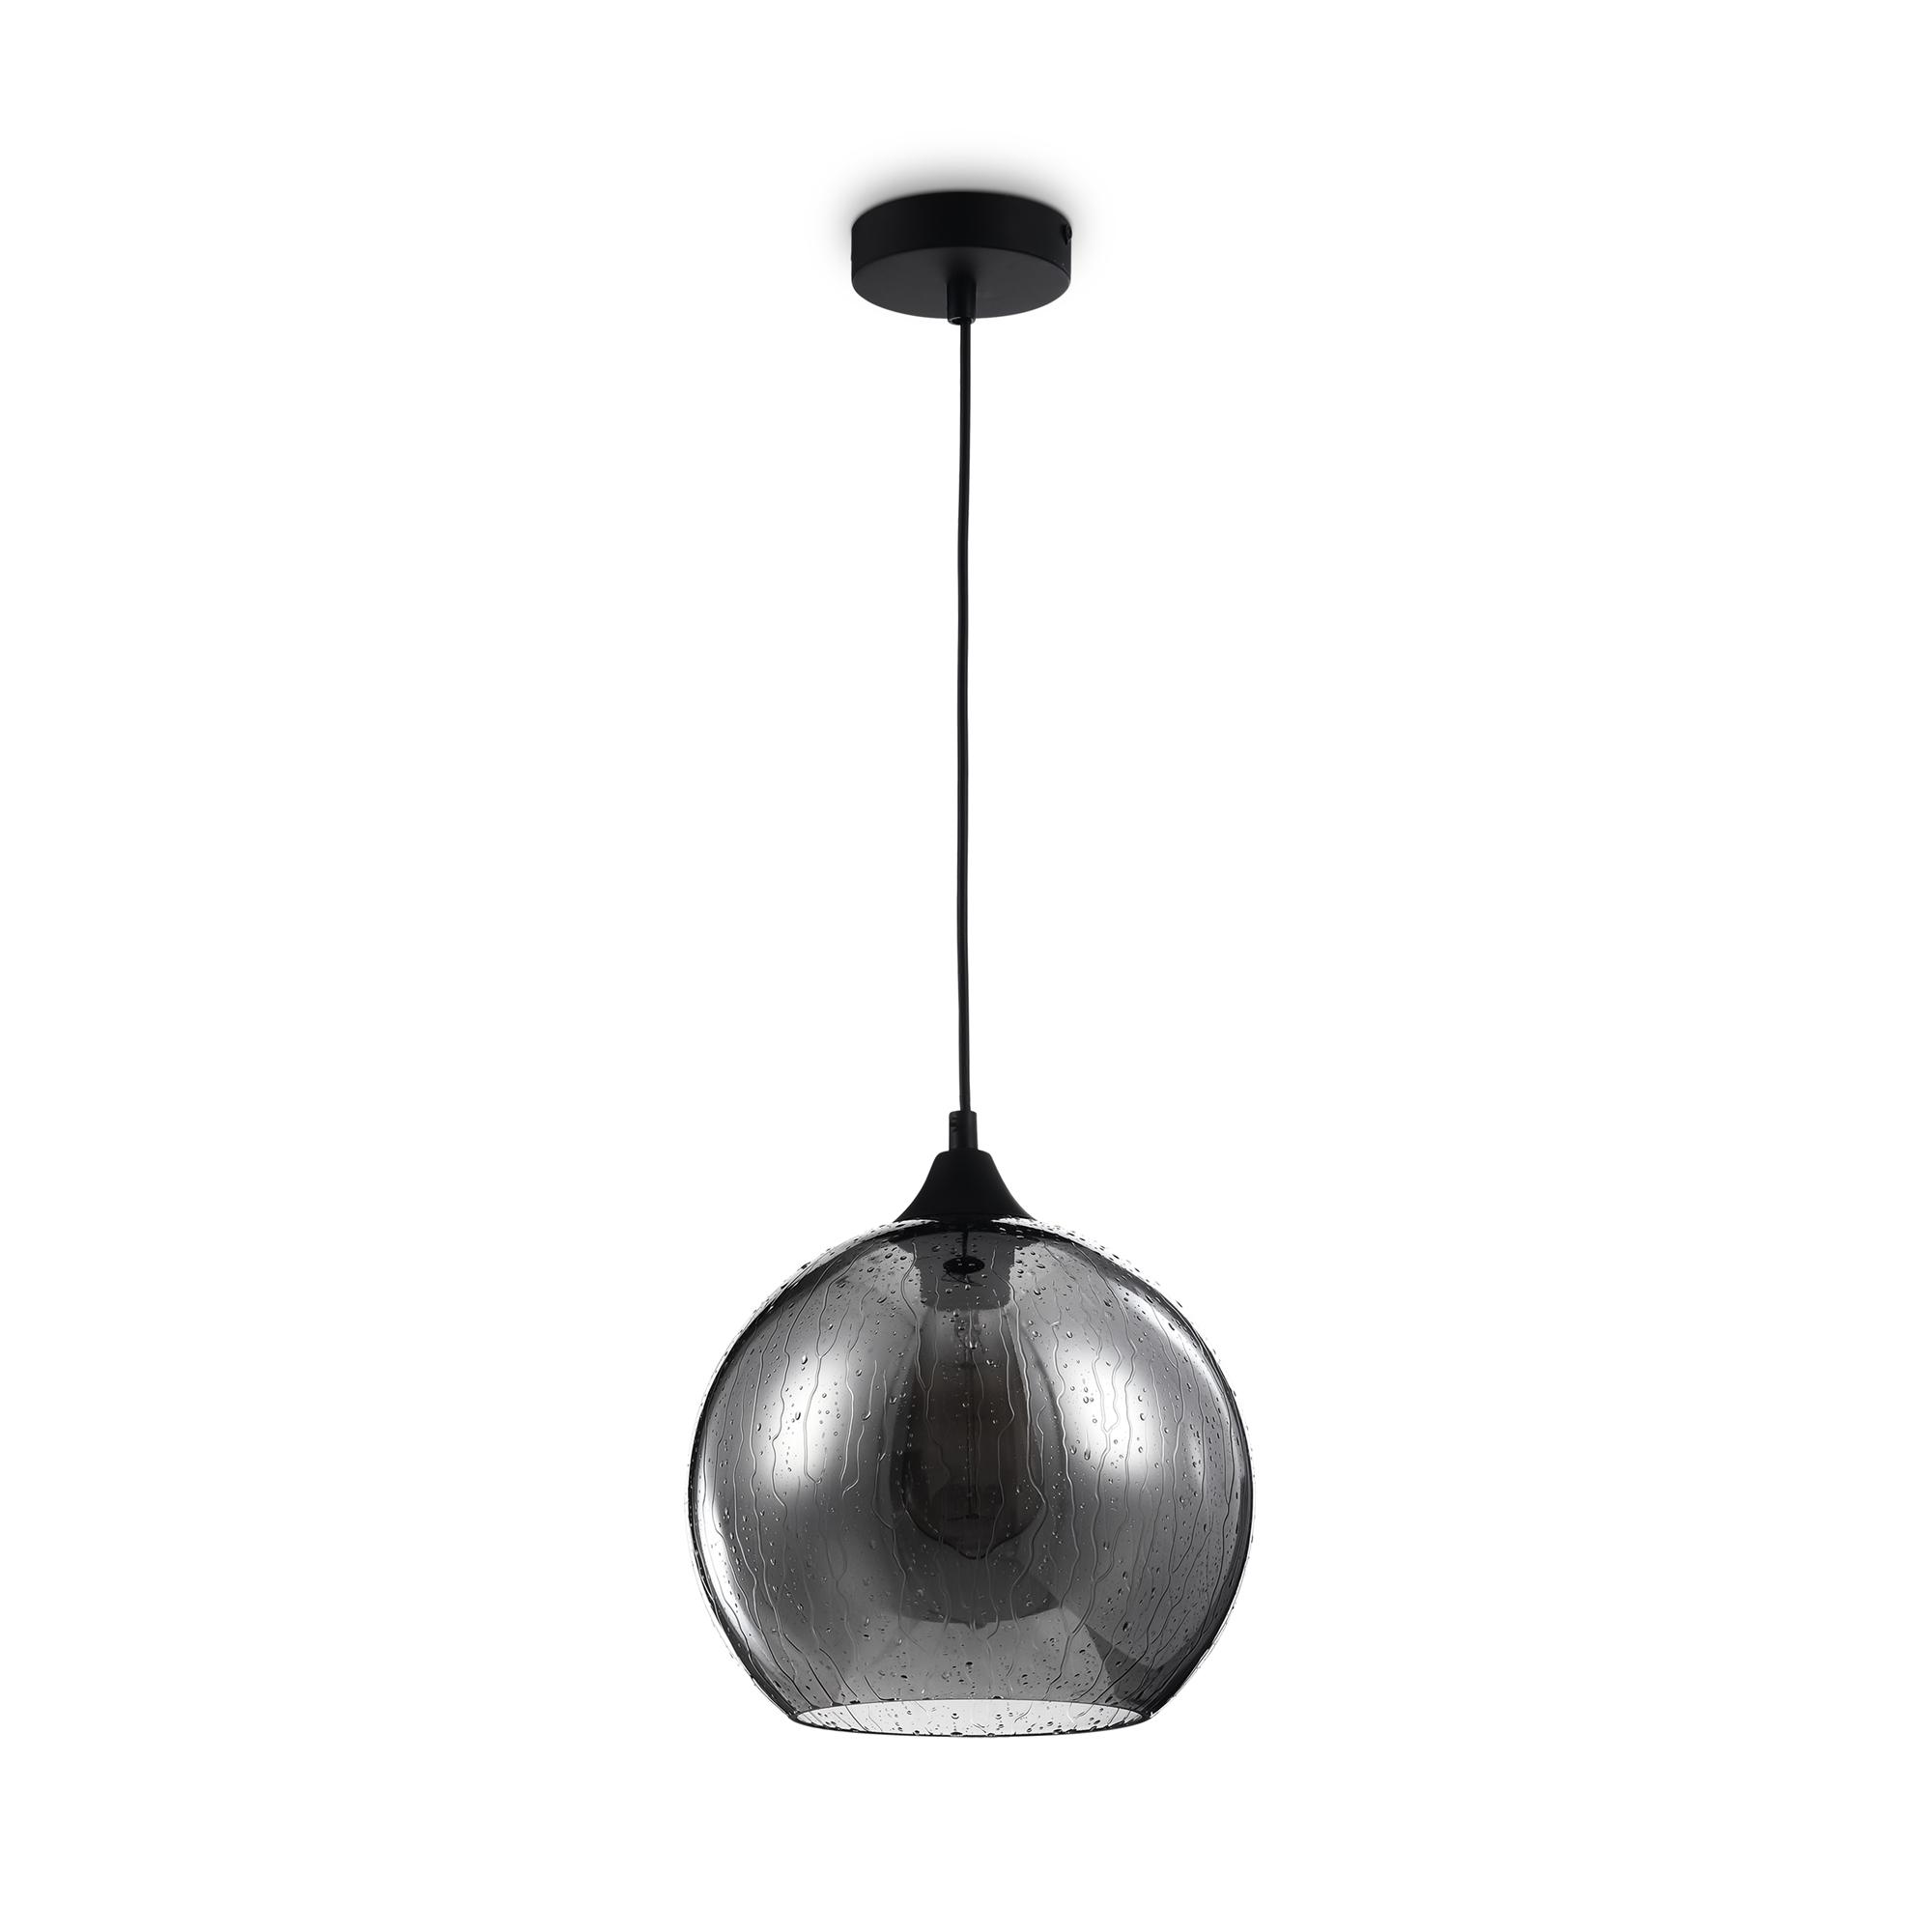 Подвесной светильник Maytoni Bergen T314-11-B, 1xE27x60W, черный, дымчатый, металл, стекло - фото 1